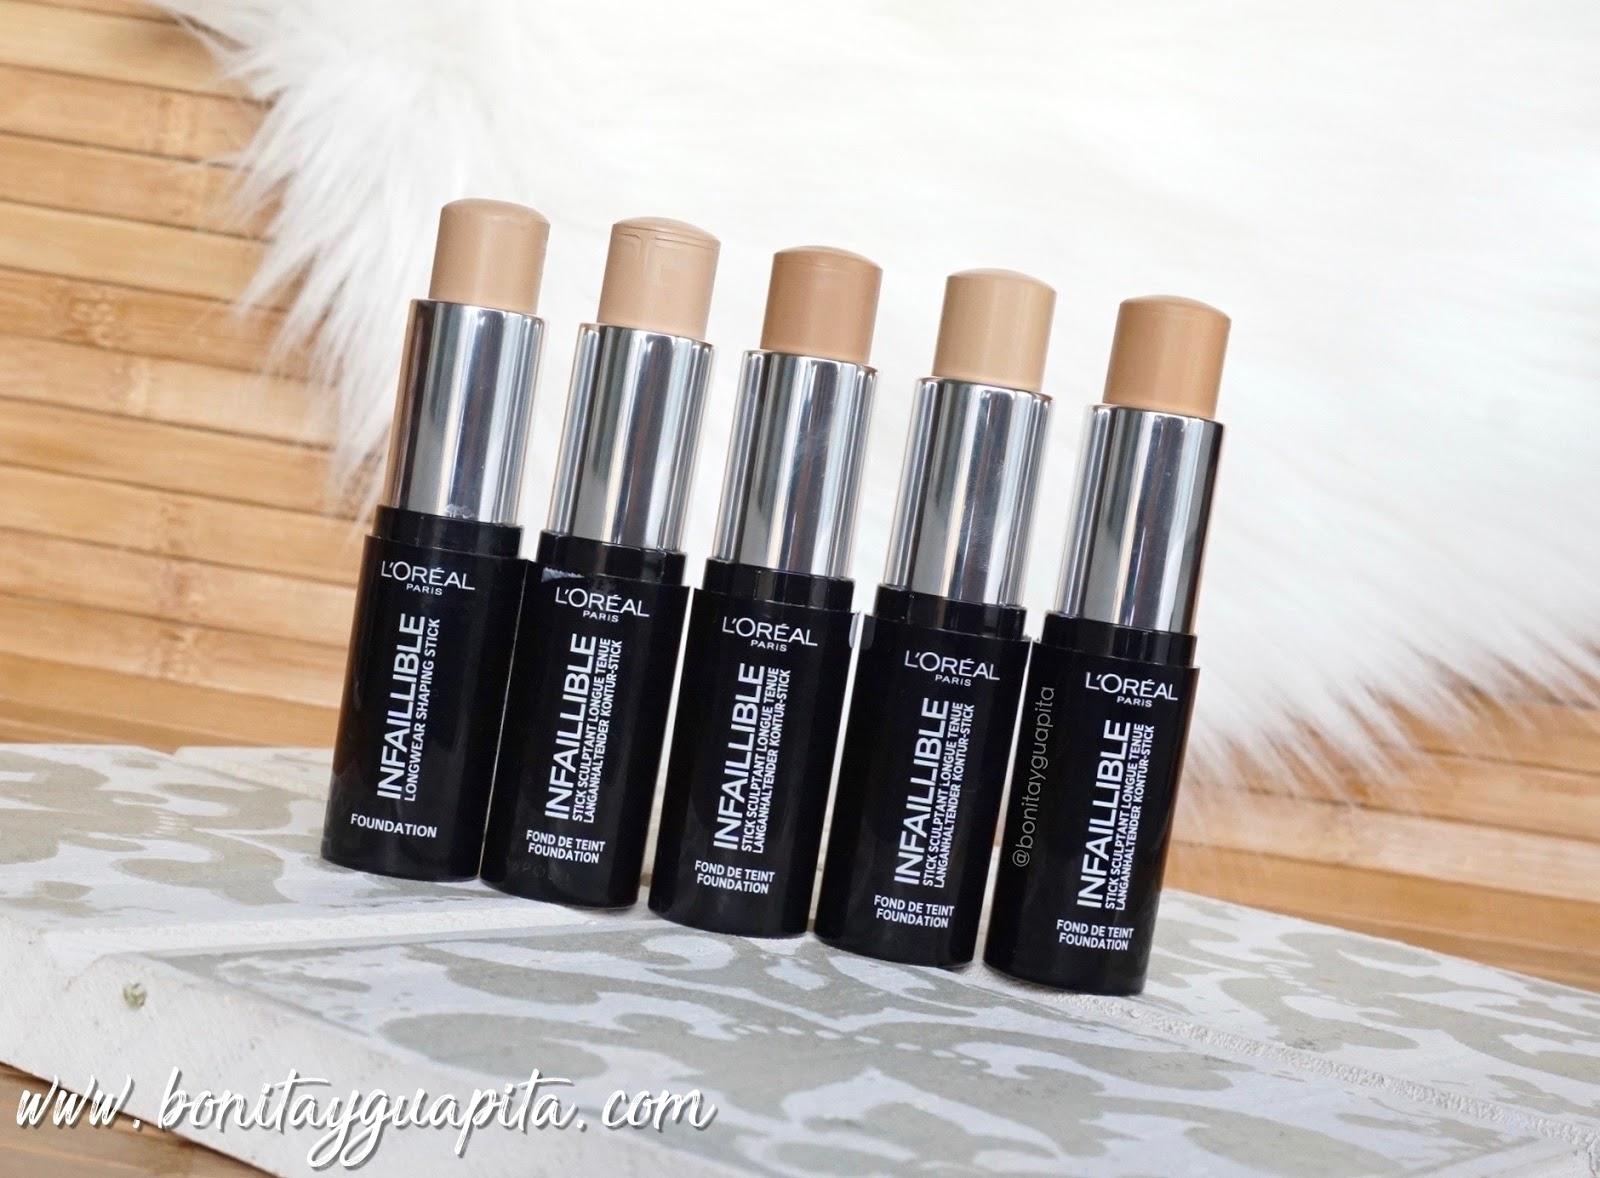 maquillaje Infalible Stick de L'Oréal